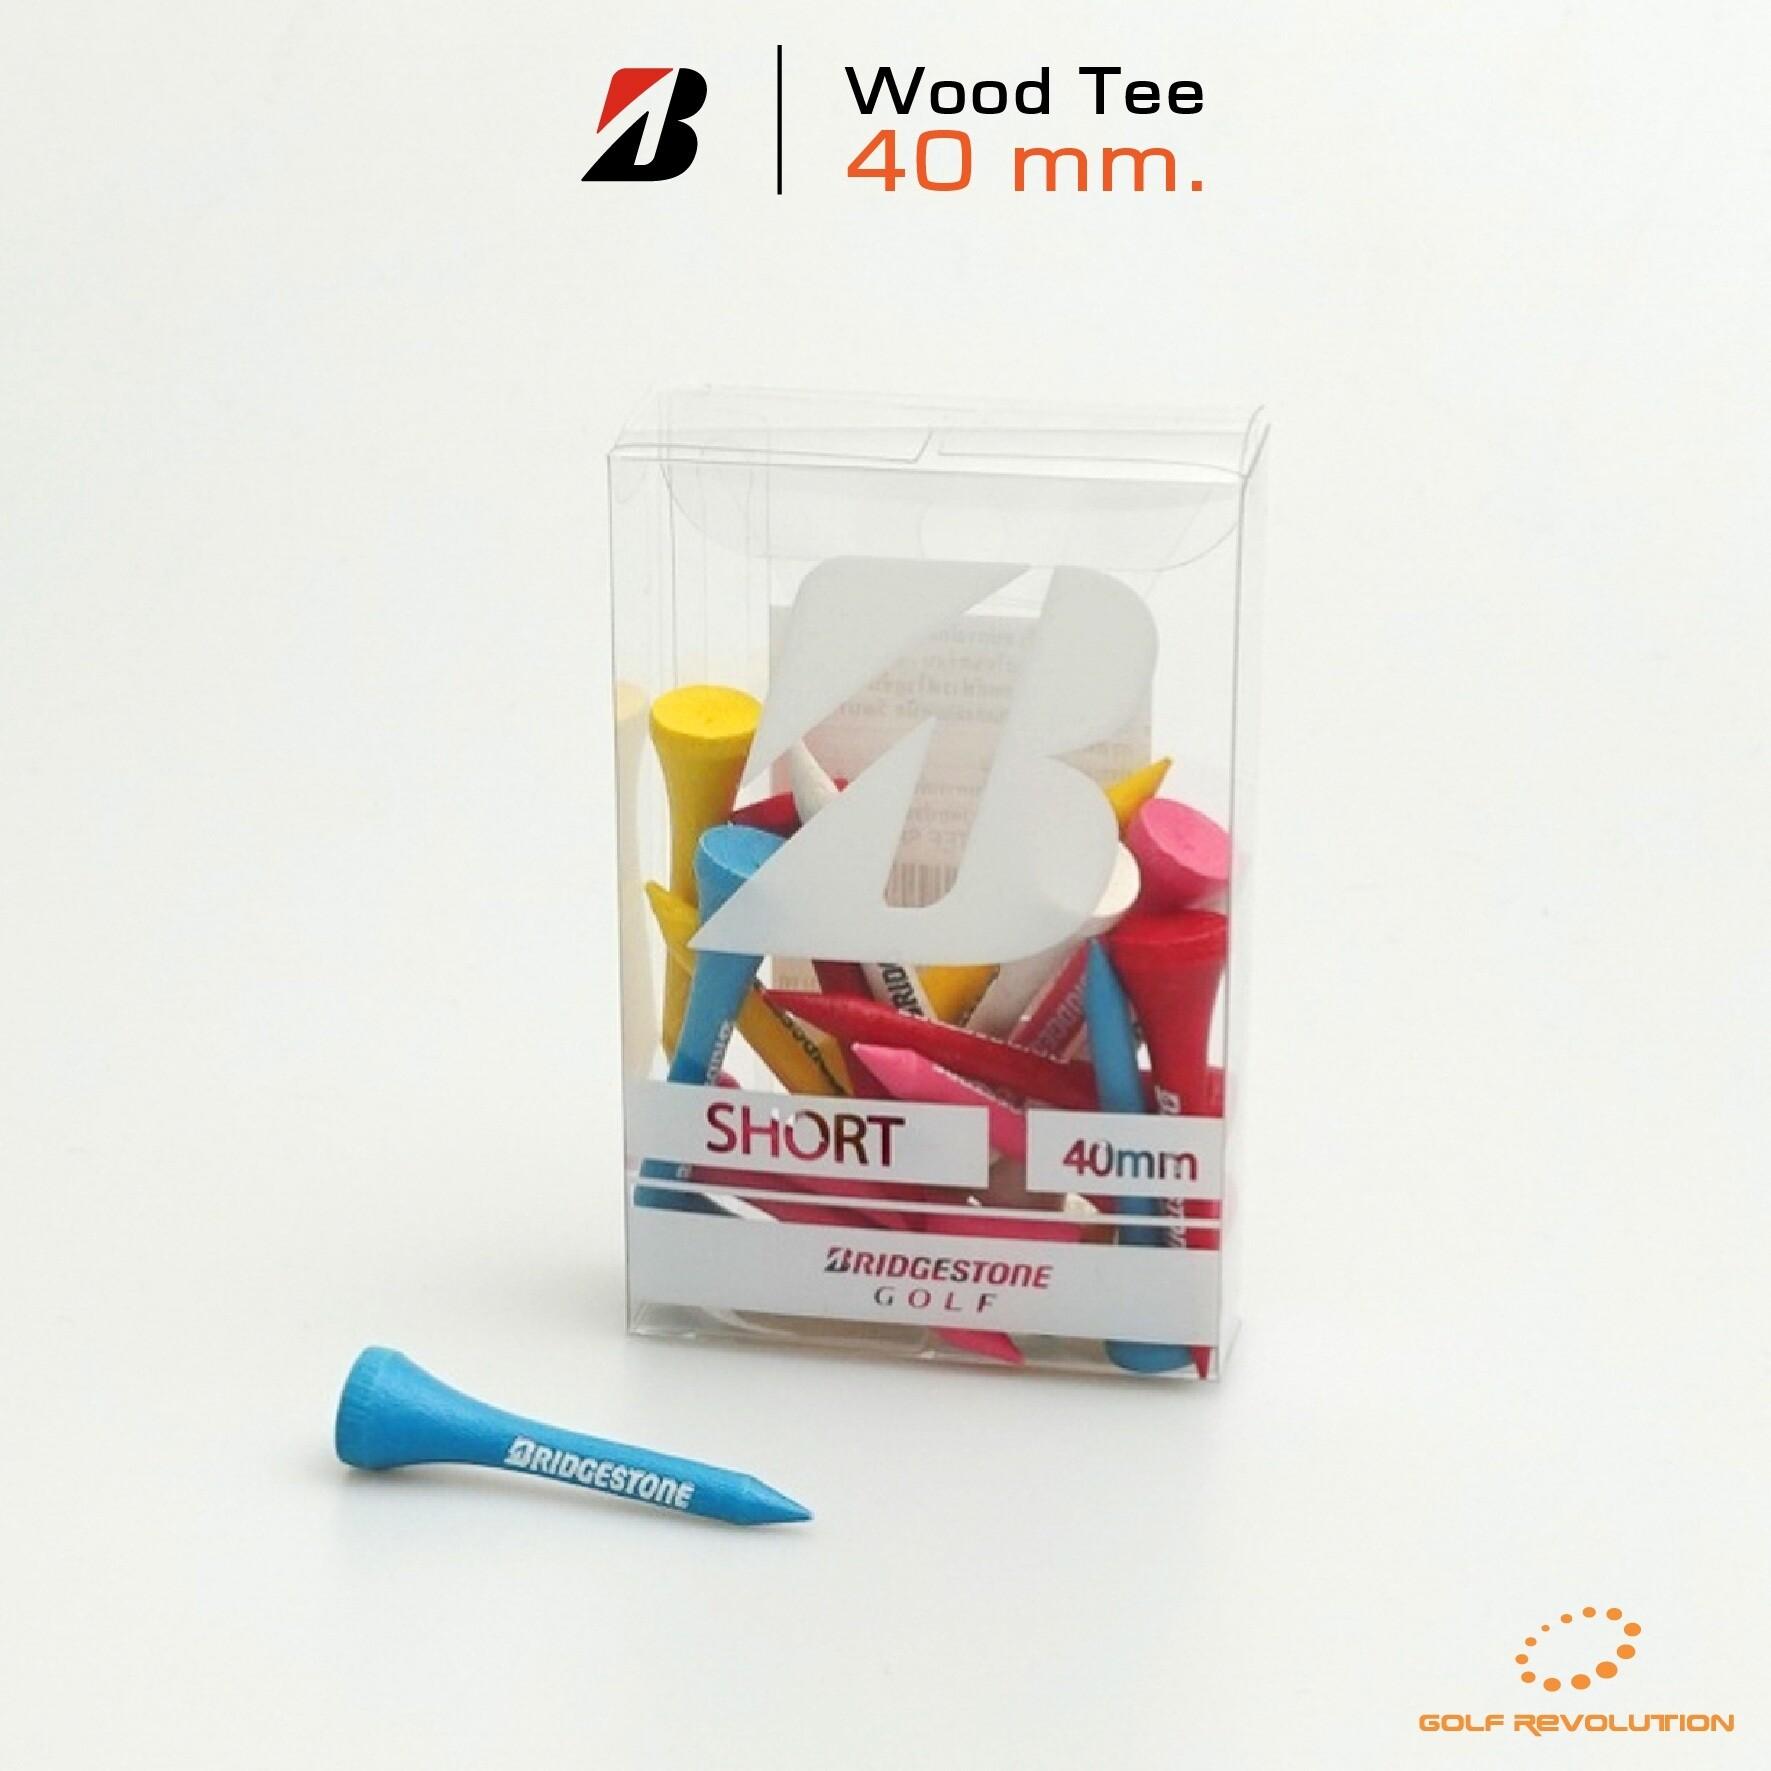 ที่ตั้งลูกกอล์ฟ Bridgestone - Wood Tee (GAG501)